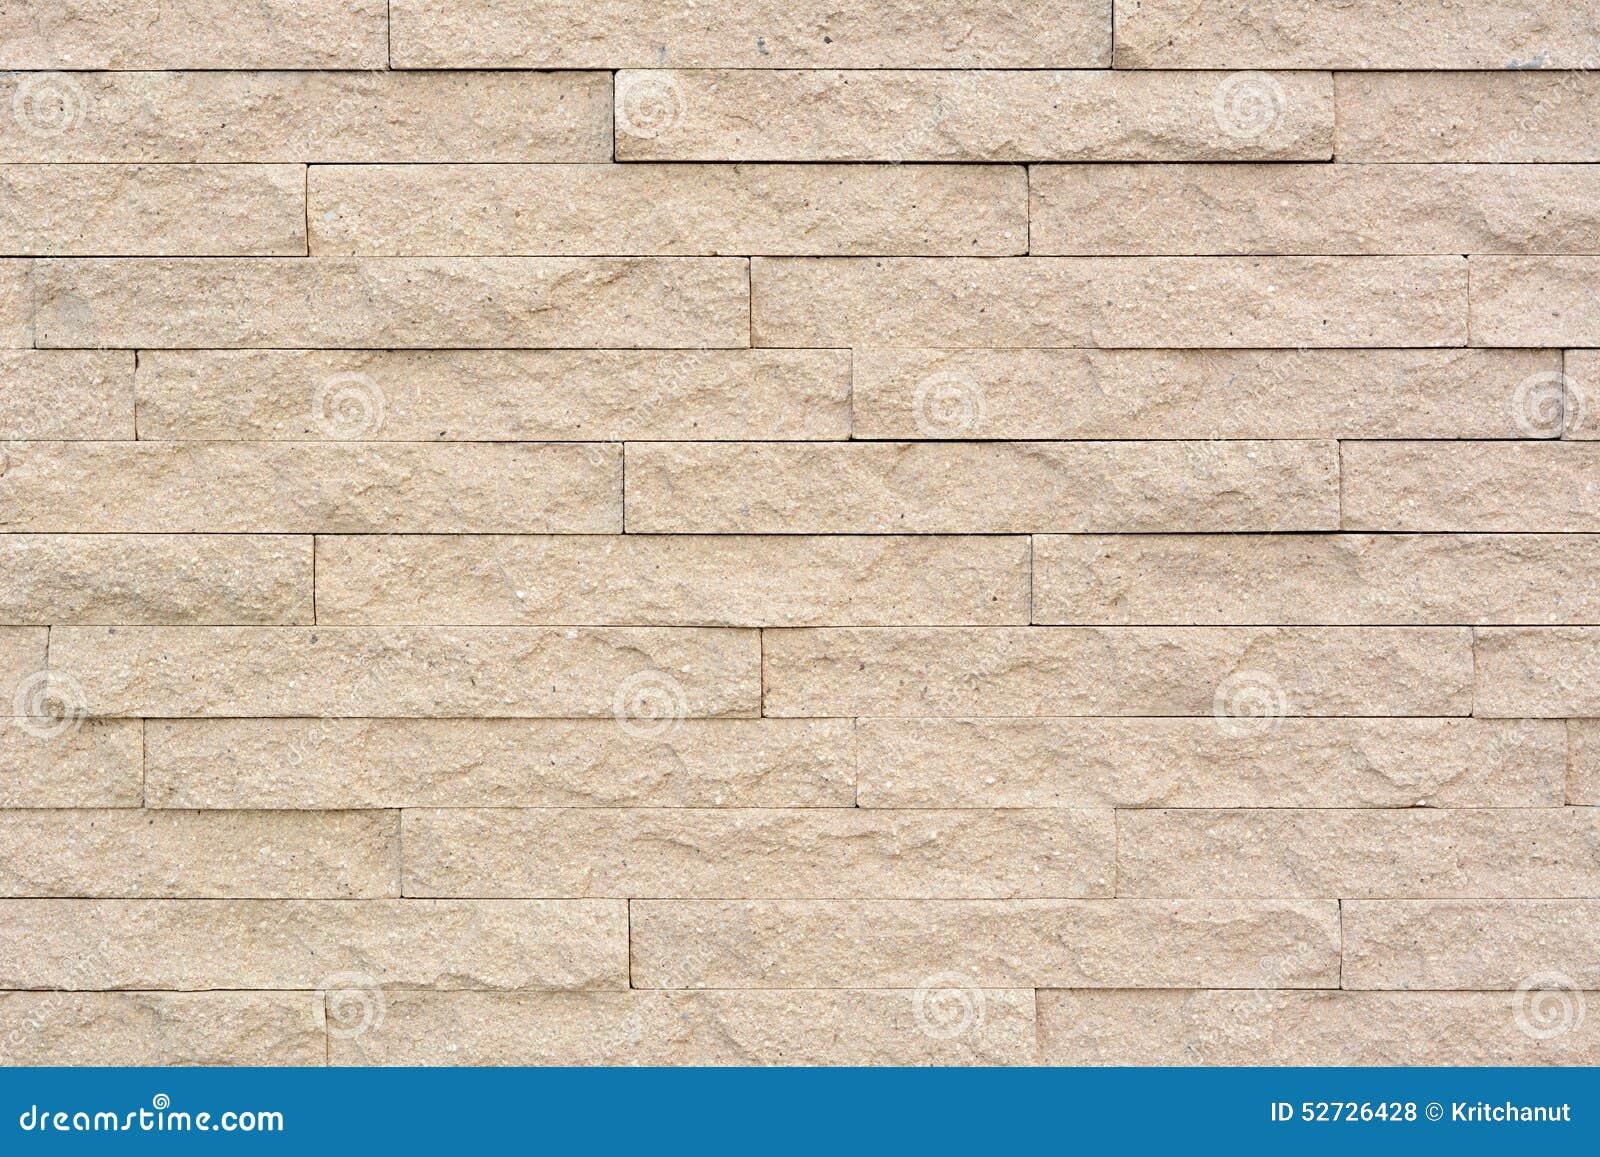 Textura de la pared de ladrillo de la piedra arenisca foto - Ladrillos de piedra ...